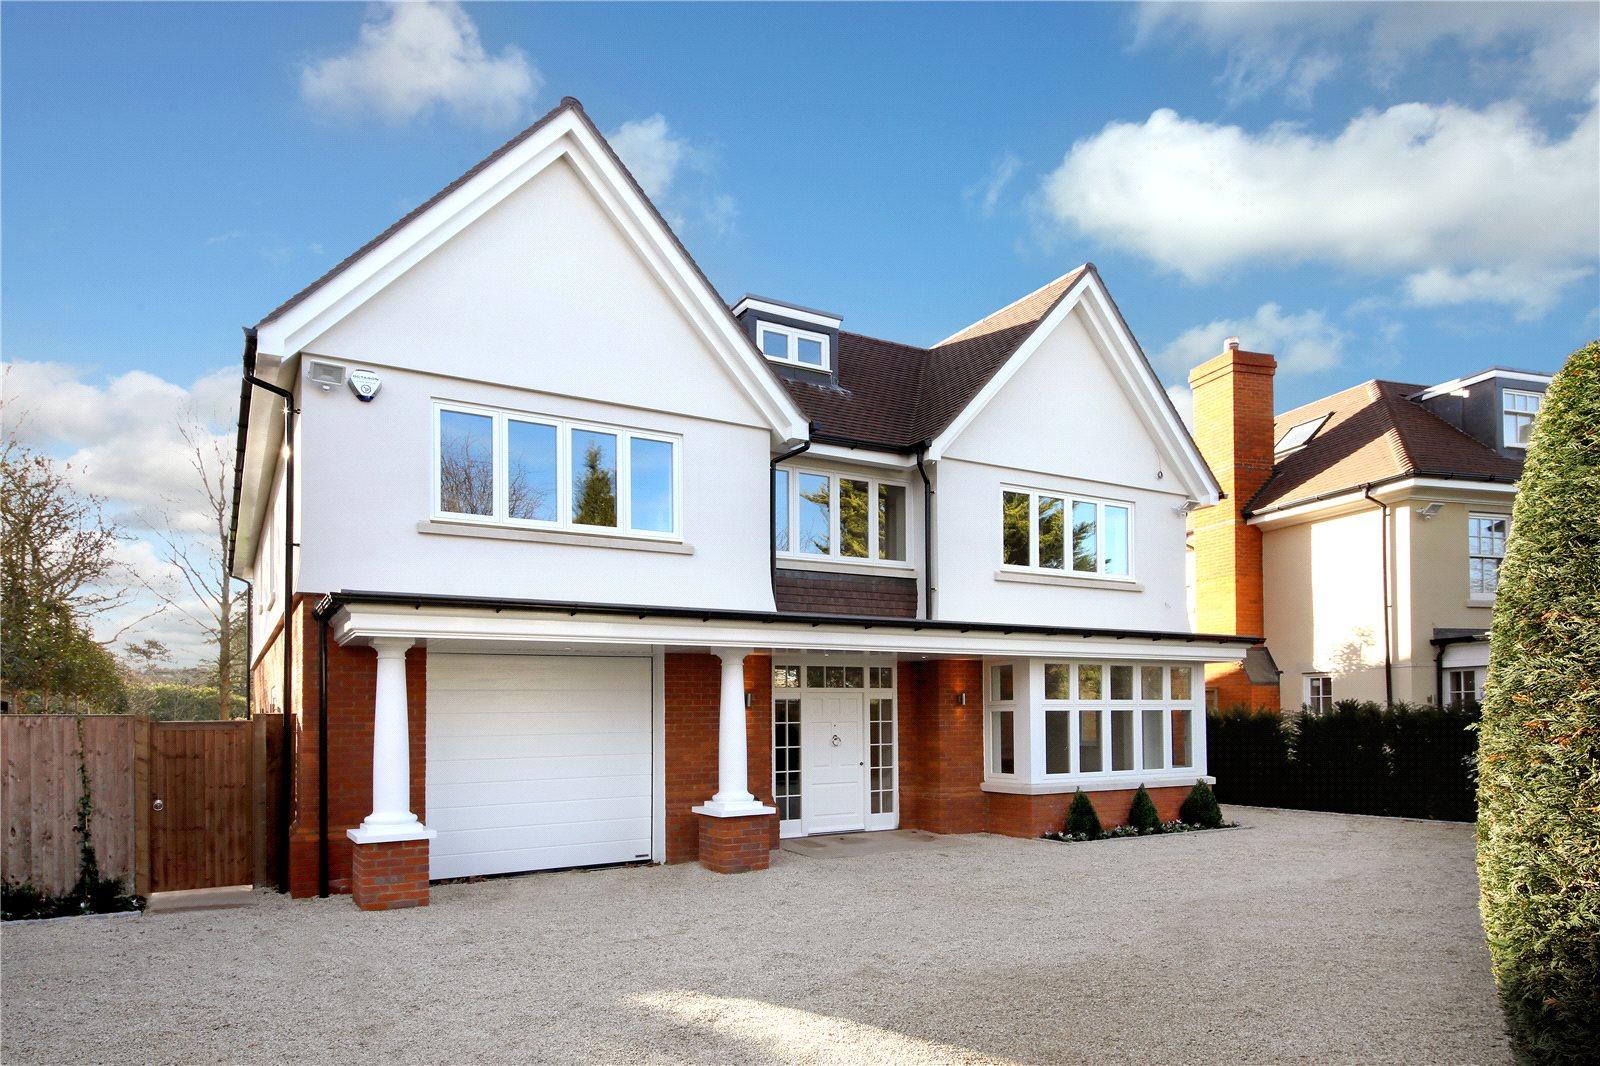 一戸建て のために 売買 アット Orchehill Avenue, Gerrards Cross, Buckinghamshire, SL9 Gerrards Cross, イギリス